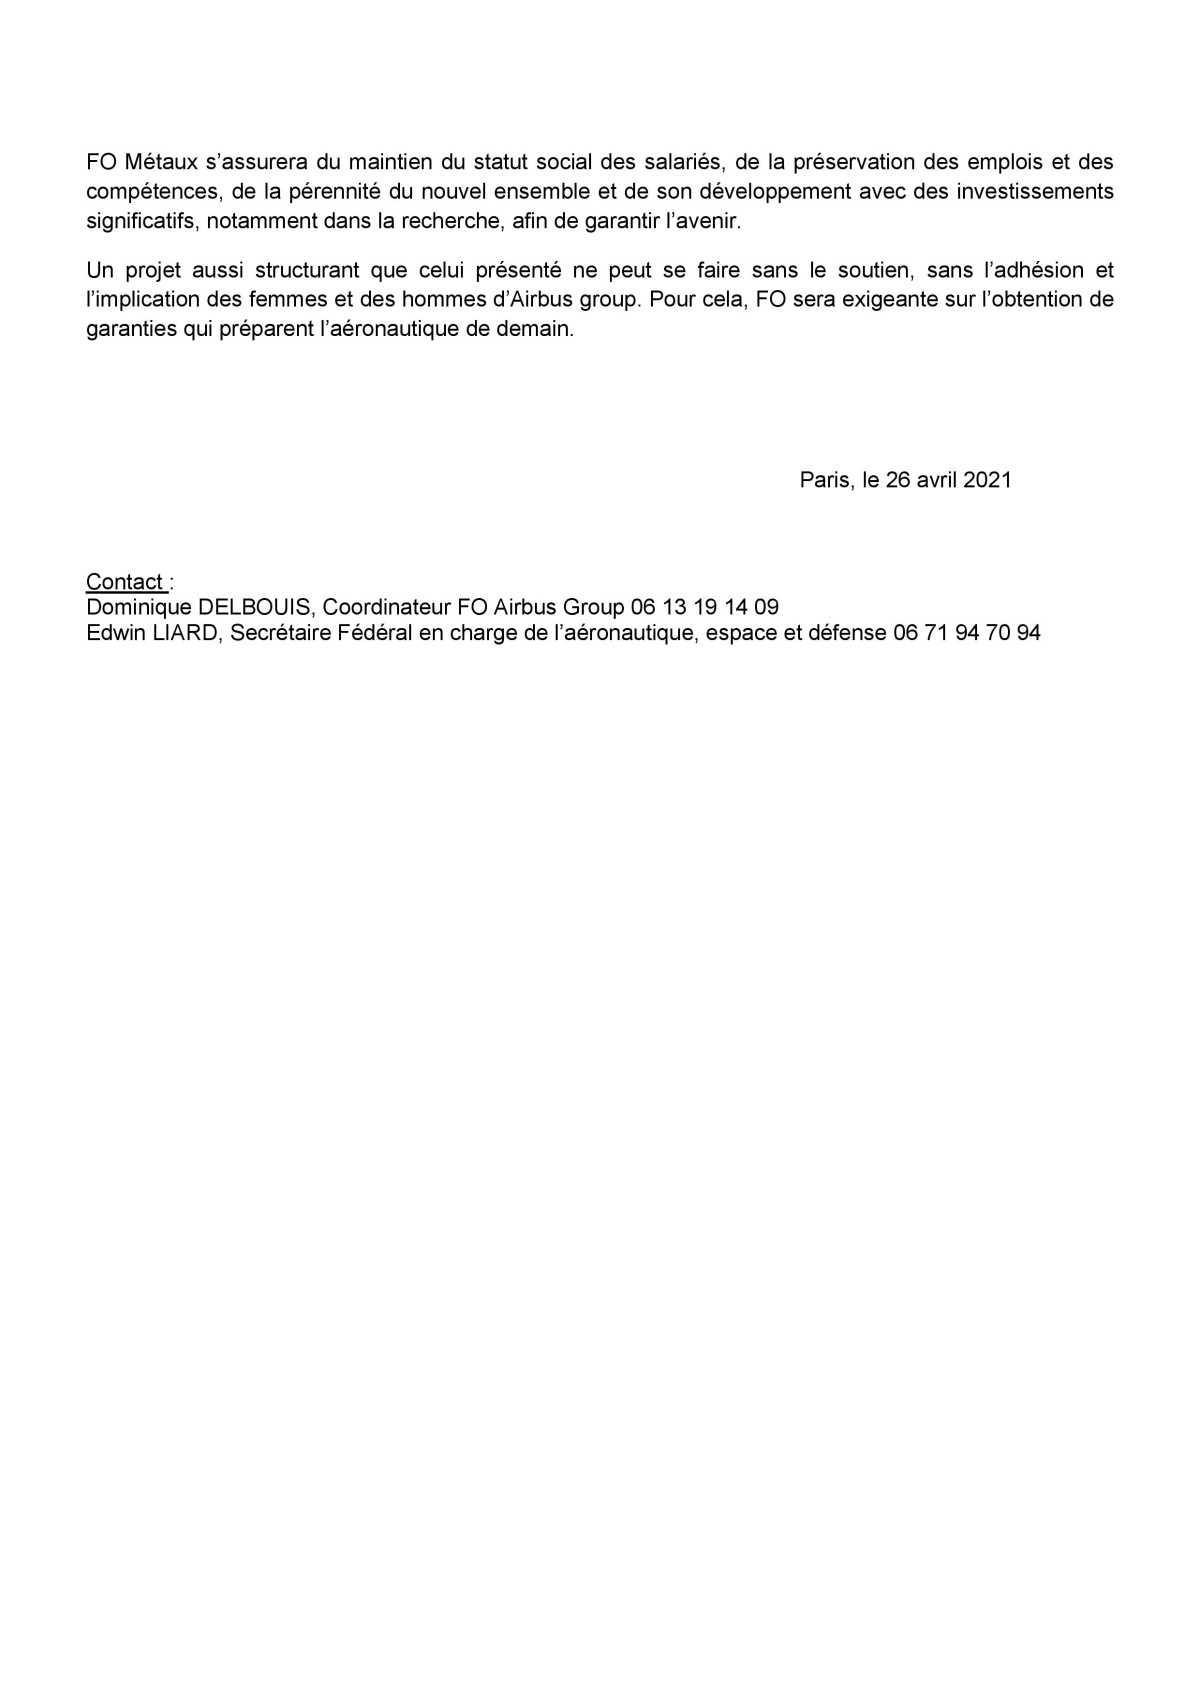 Communiqué de presse: Réorganisation industrielle, FO demande des garanties